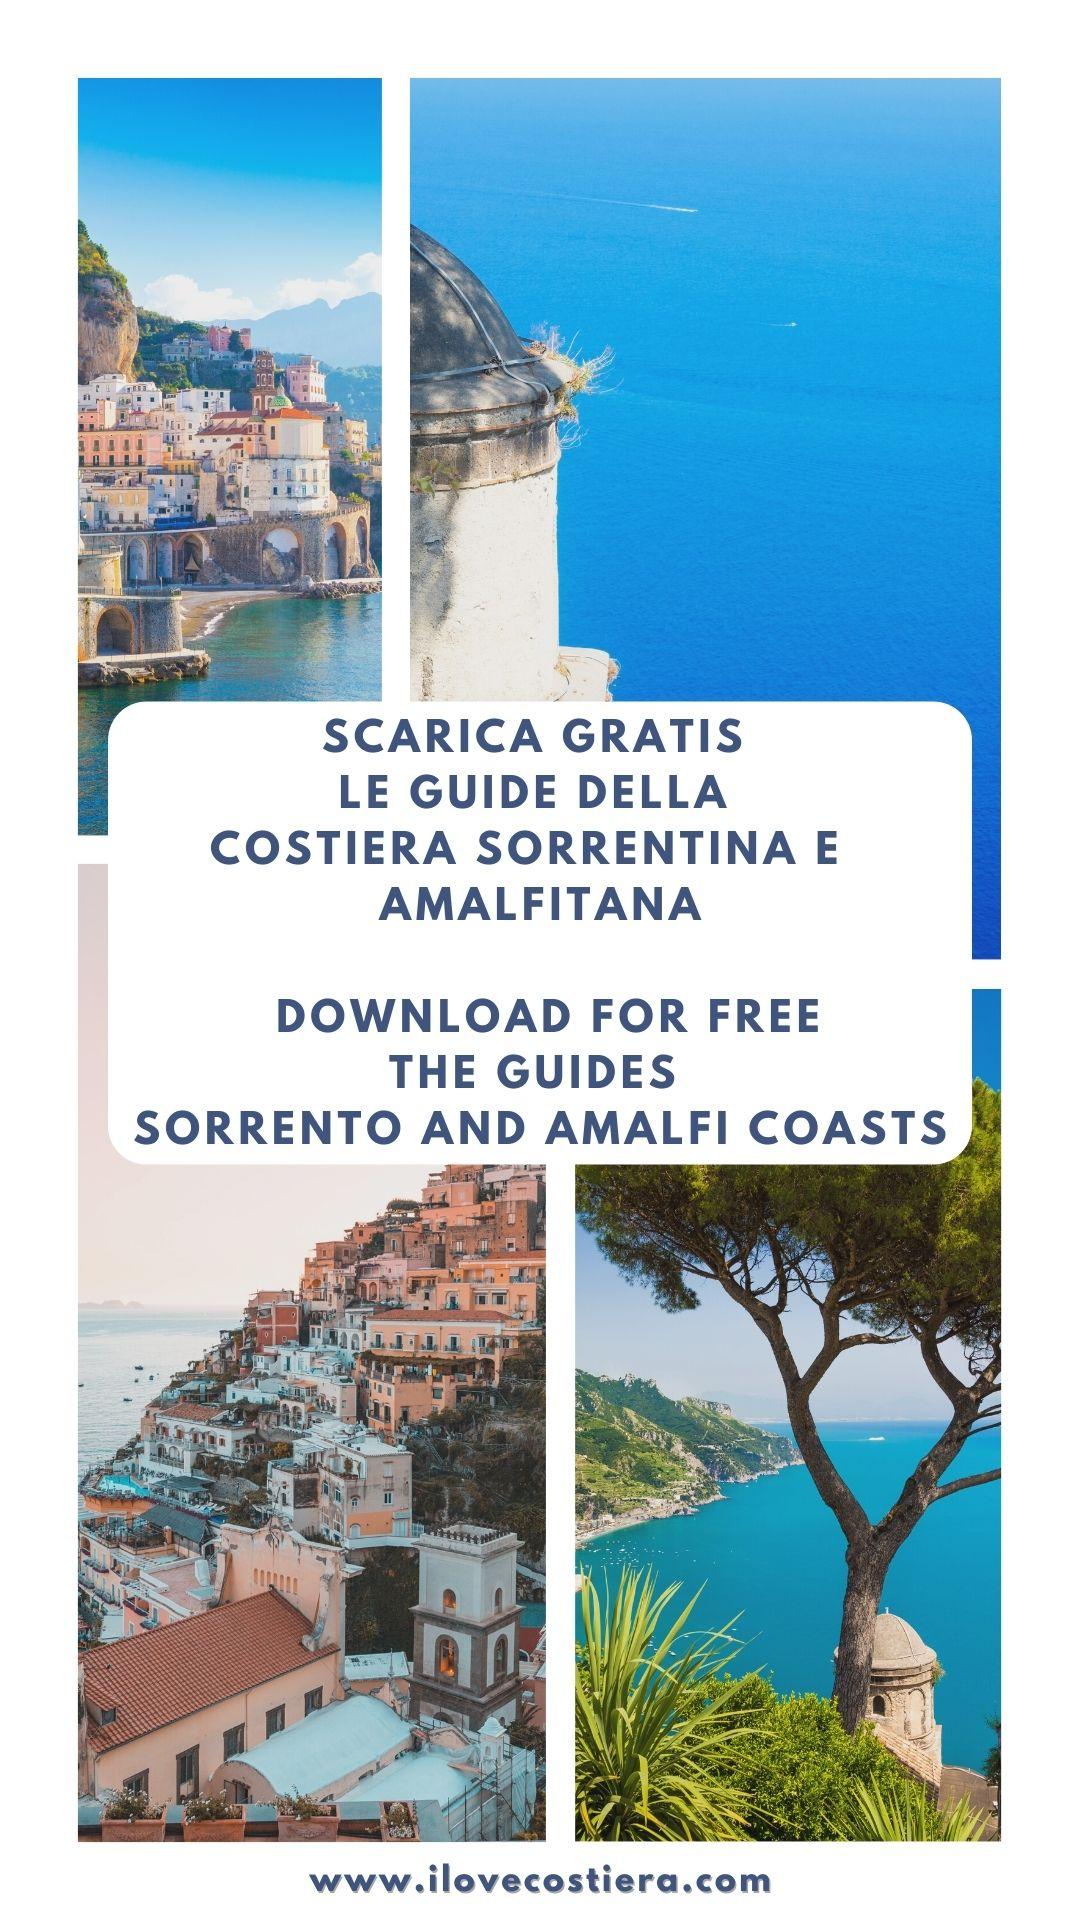 scarica gratis le guide di ilovecostiera